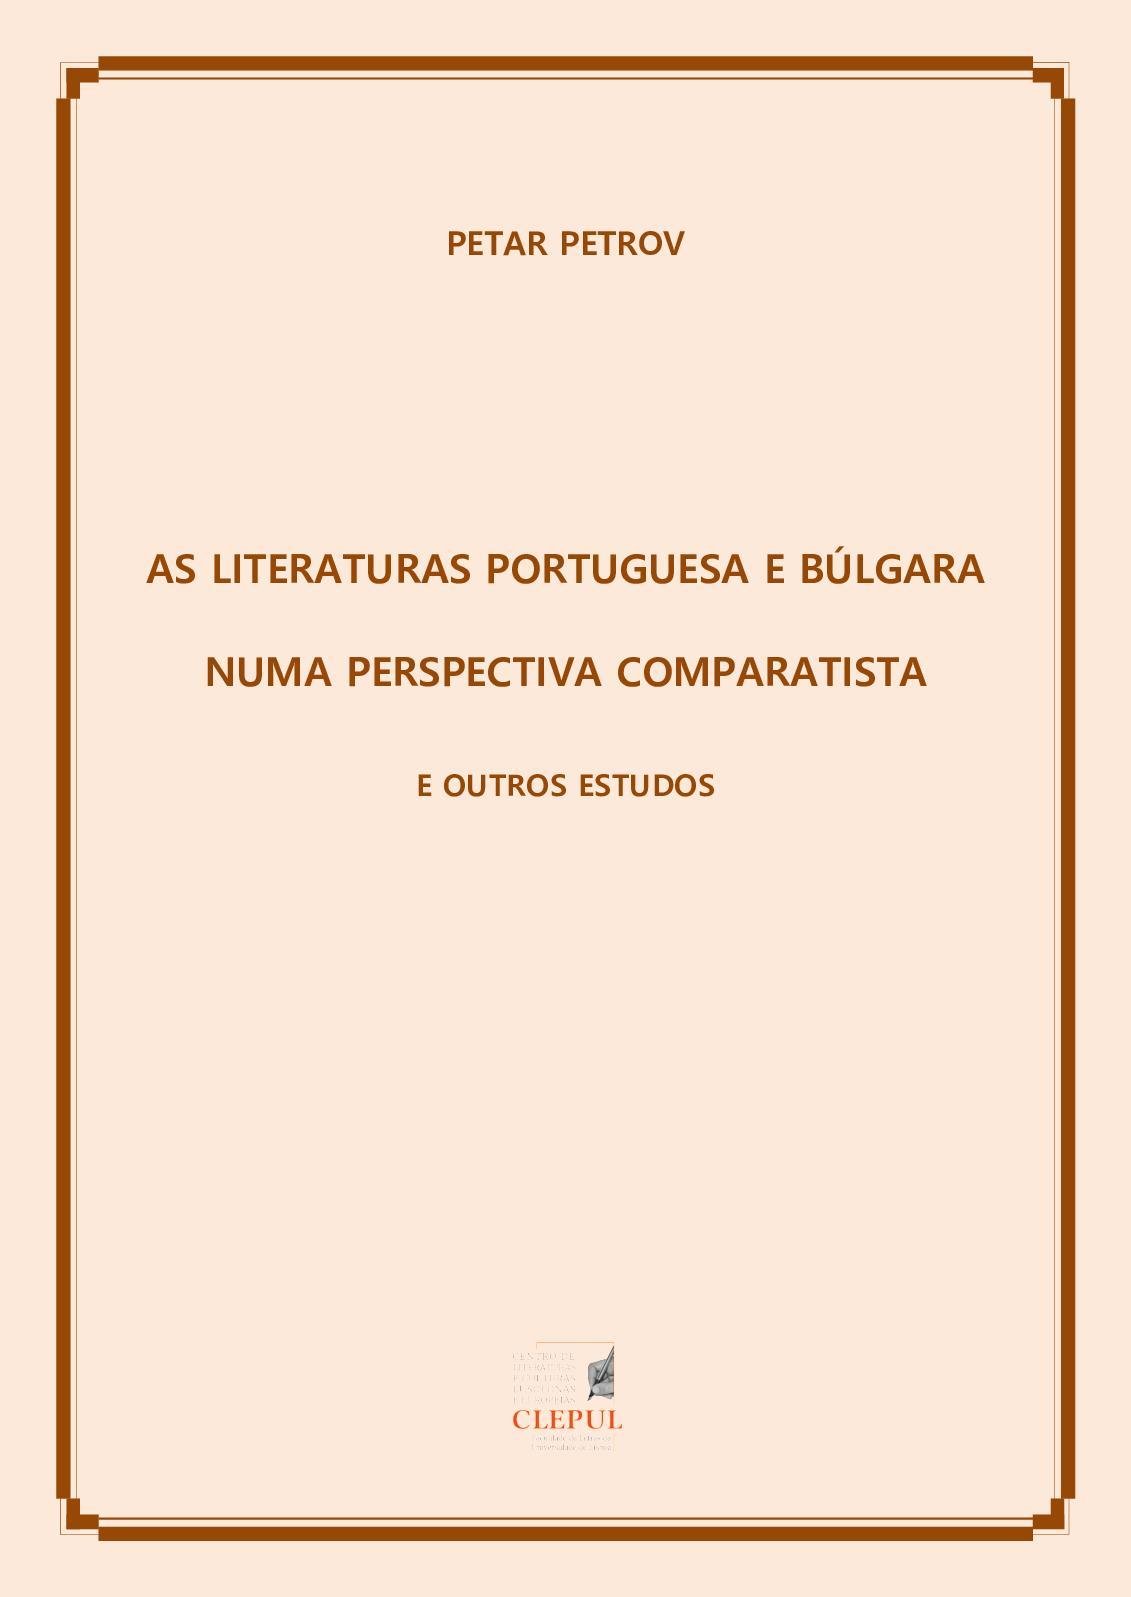 0c6ad2397 Calaméo - As Literaturas Portuguesa E Búlgara Numa Perspectiva Comparatista  E Outros Estudos